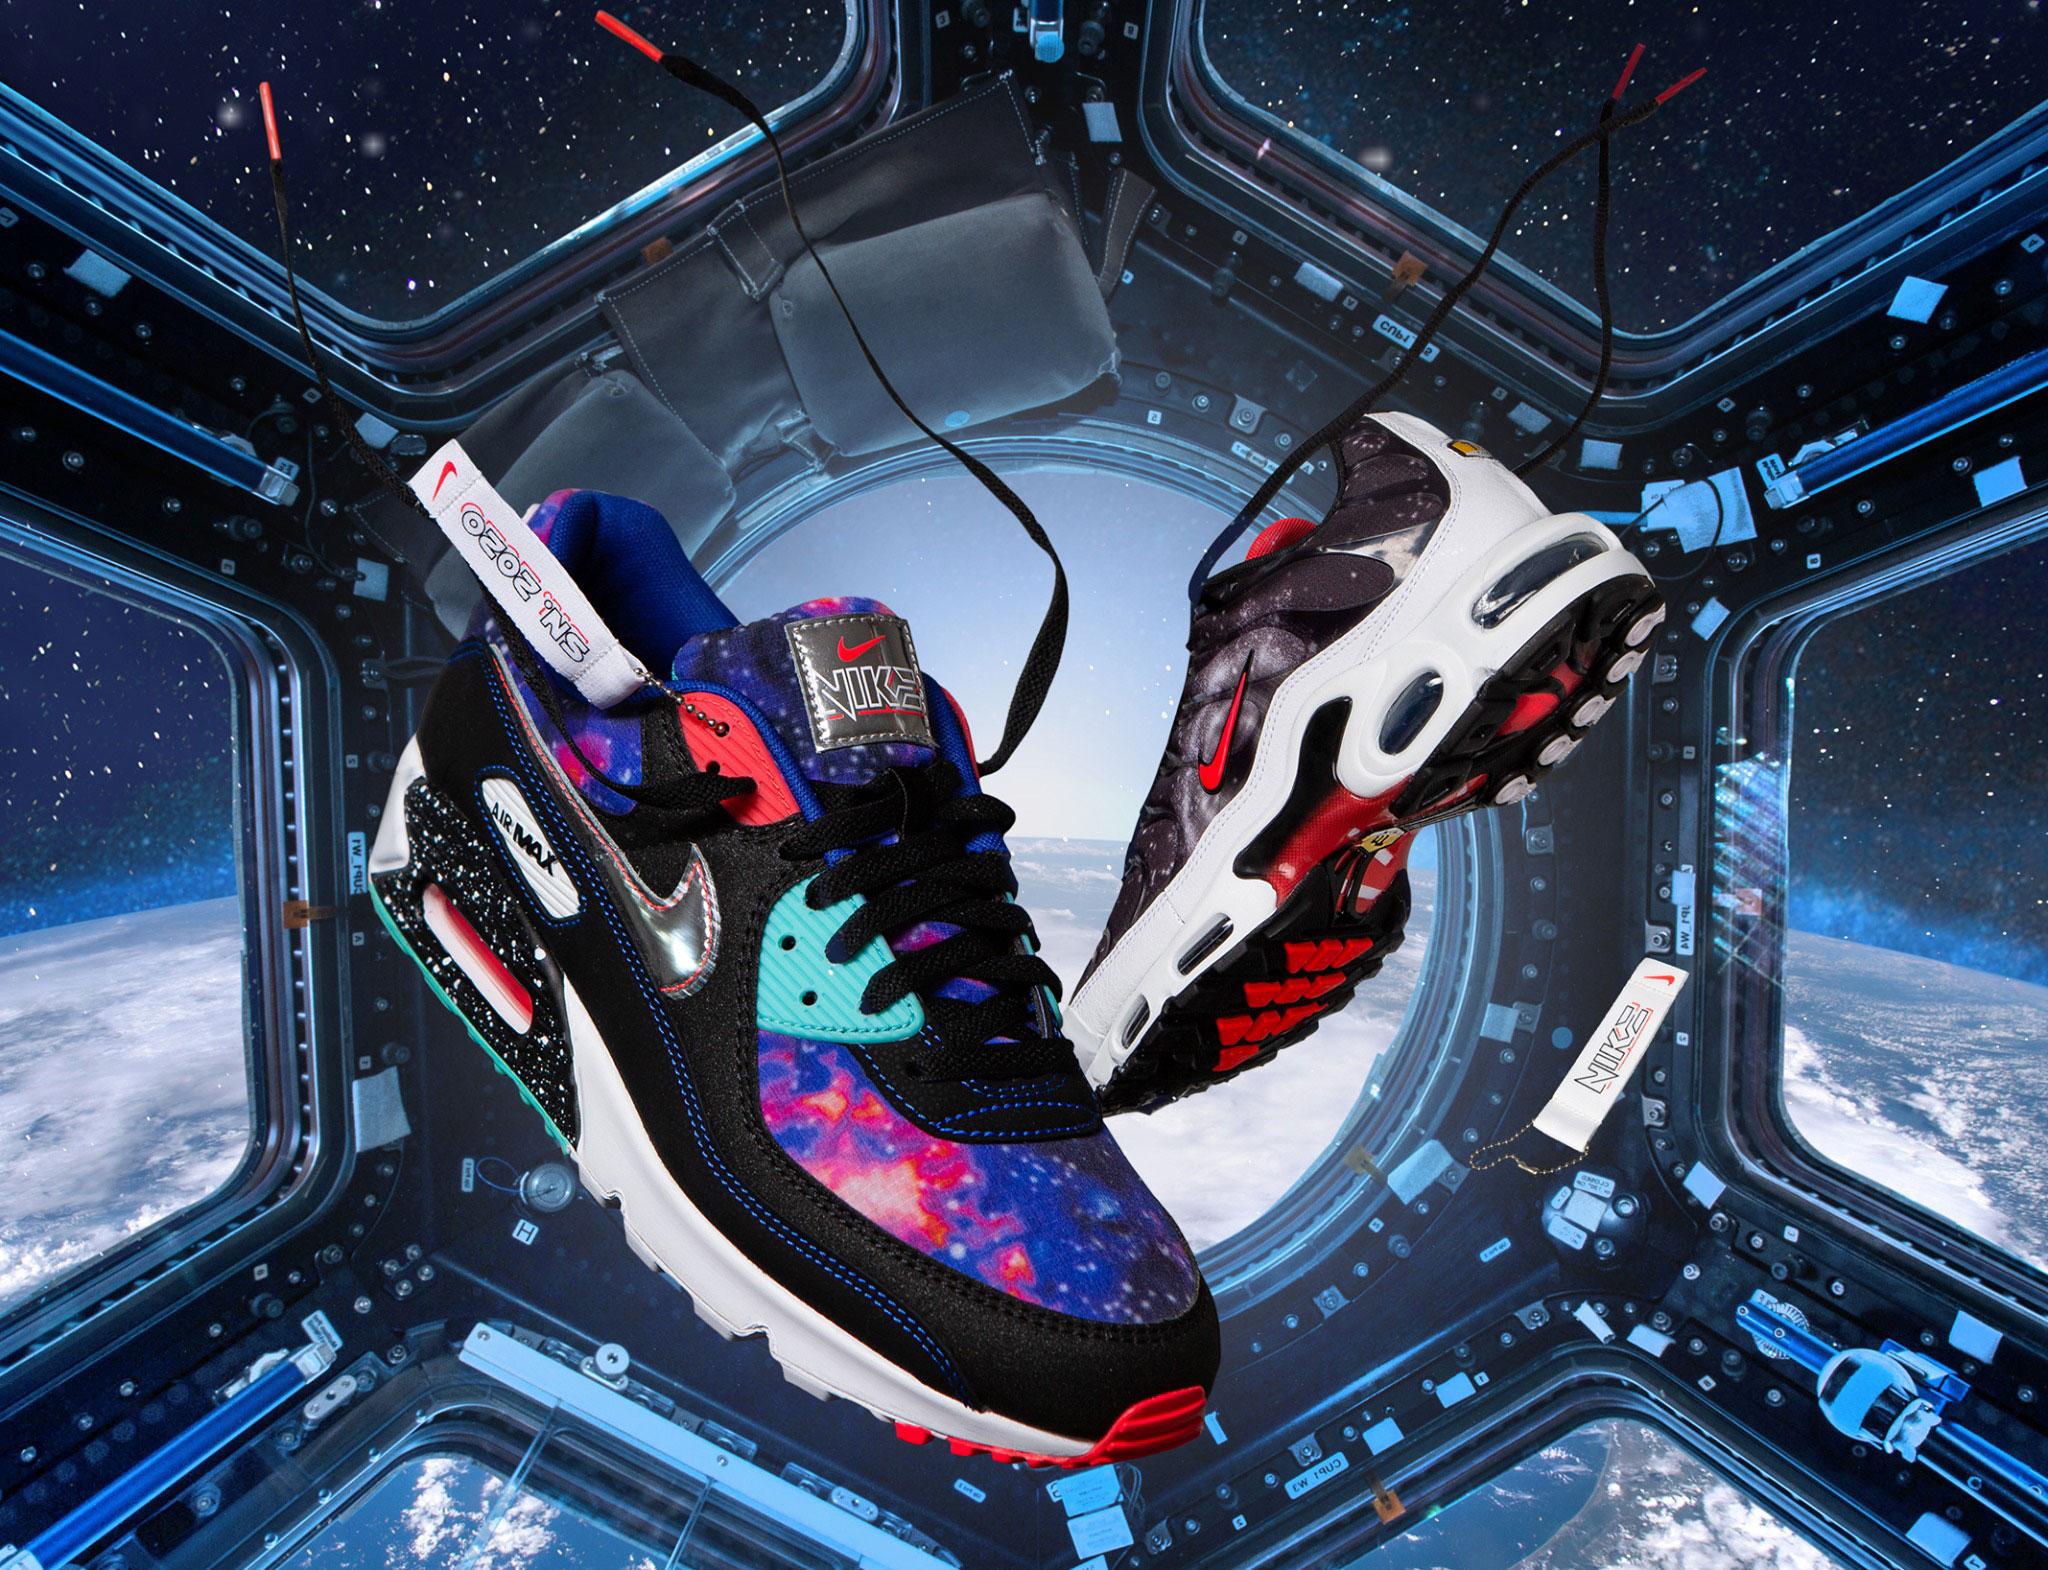 nike-supernova-2020-sneakers-1